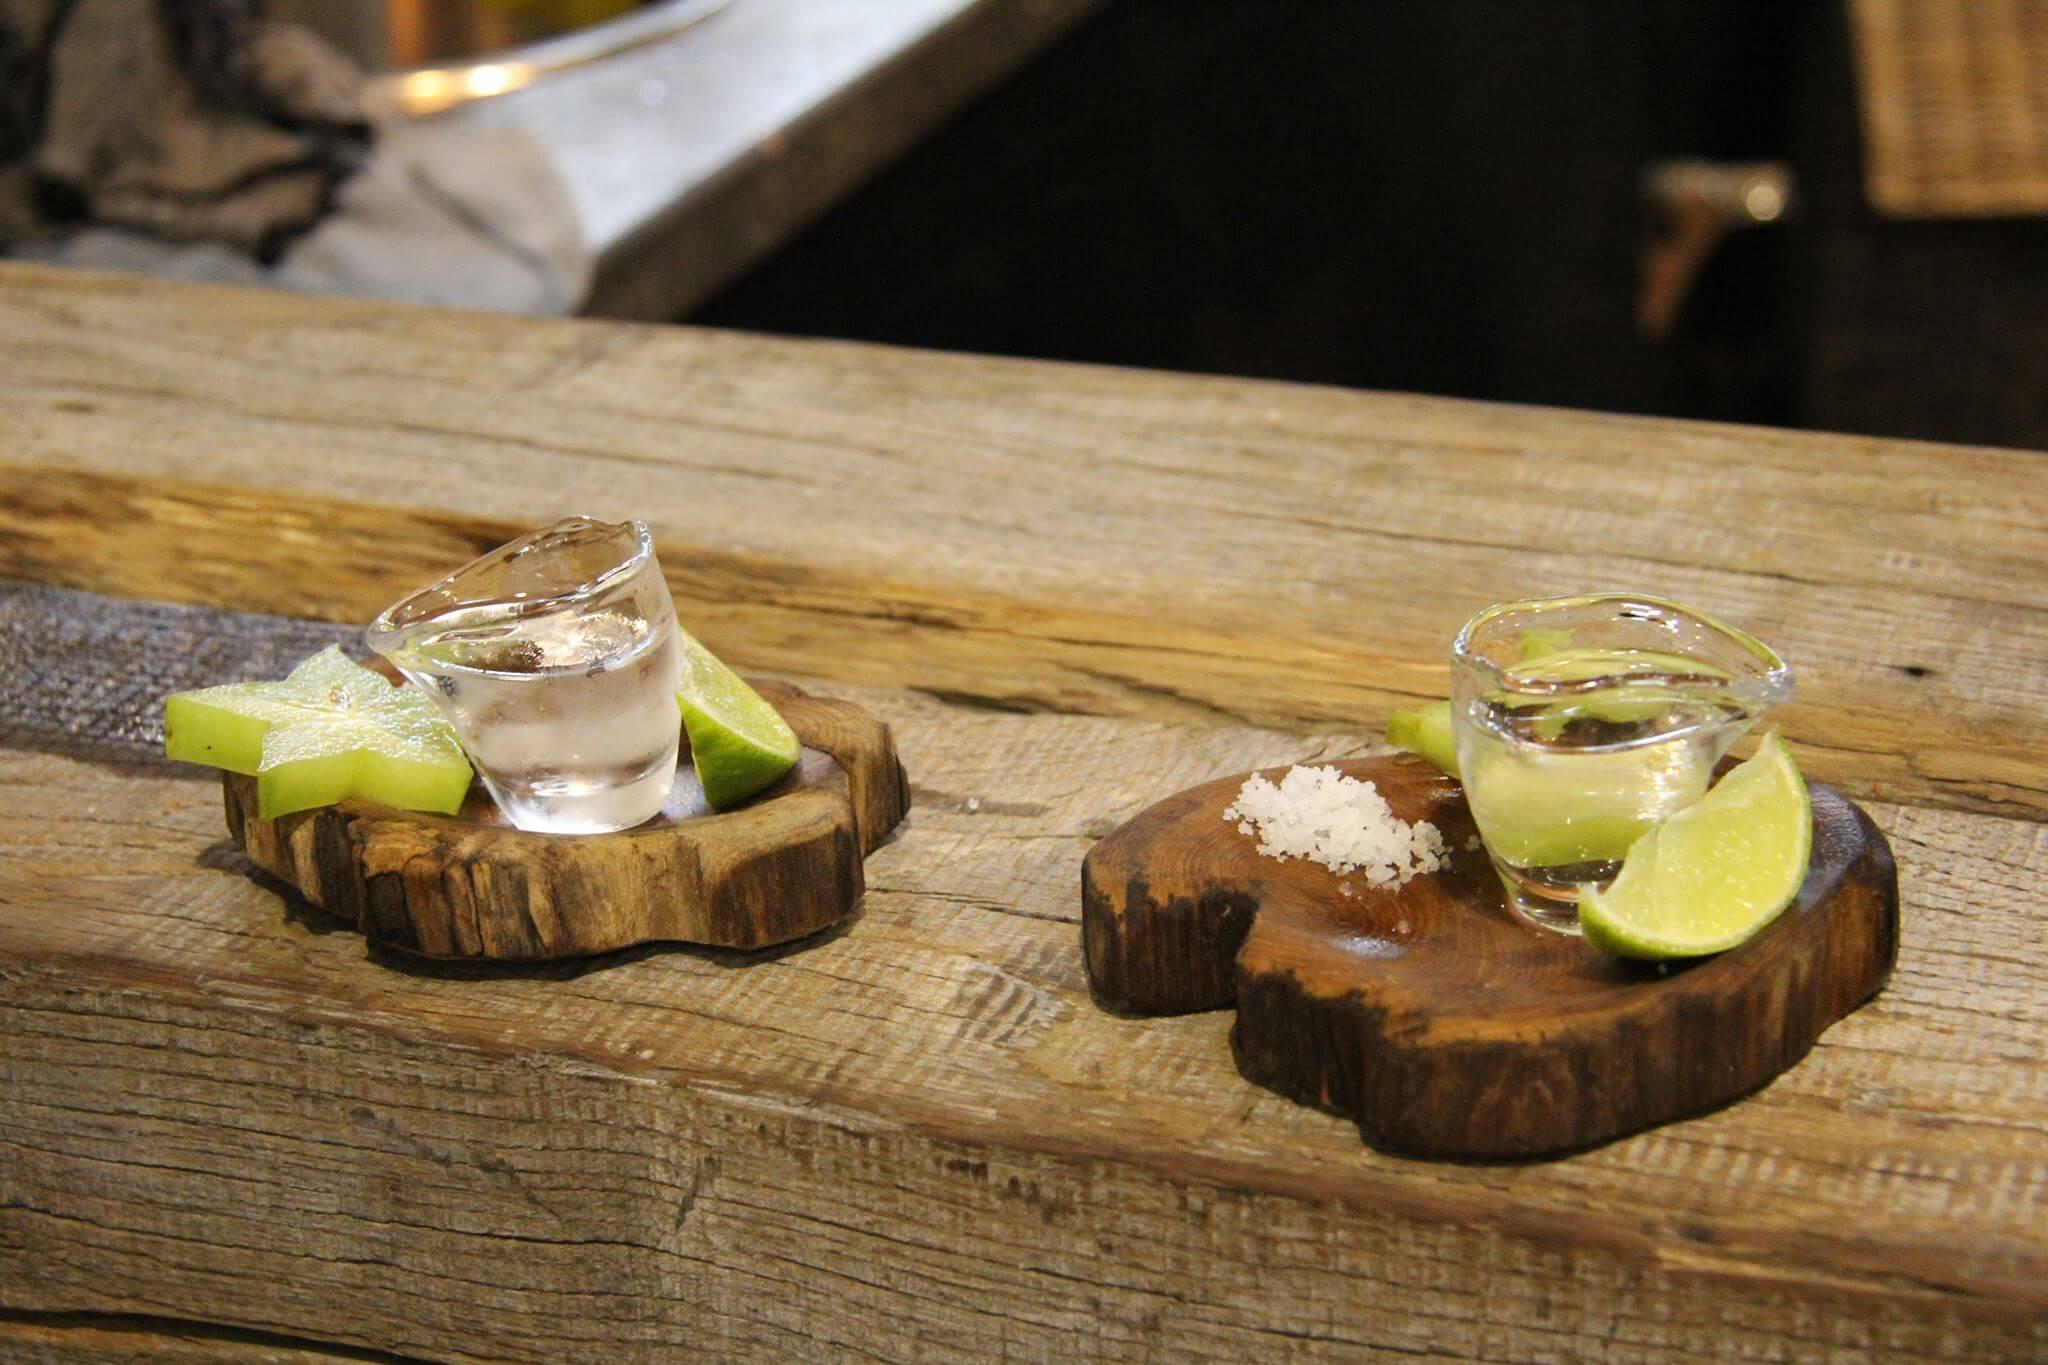 Außerhalb von der Pariser Messe wird der Tequila gewöhnlich als Kurzer zusammen mit Salz und einer Limetten- oder Zitronenscheibe serviert.